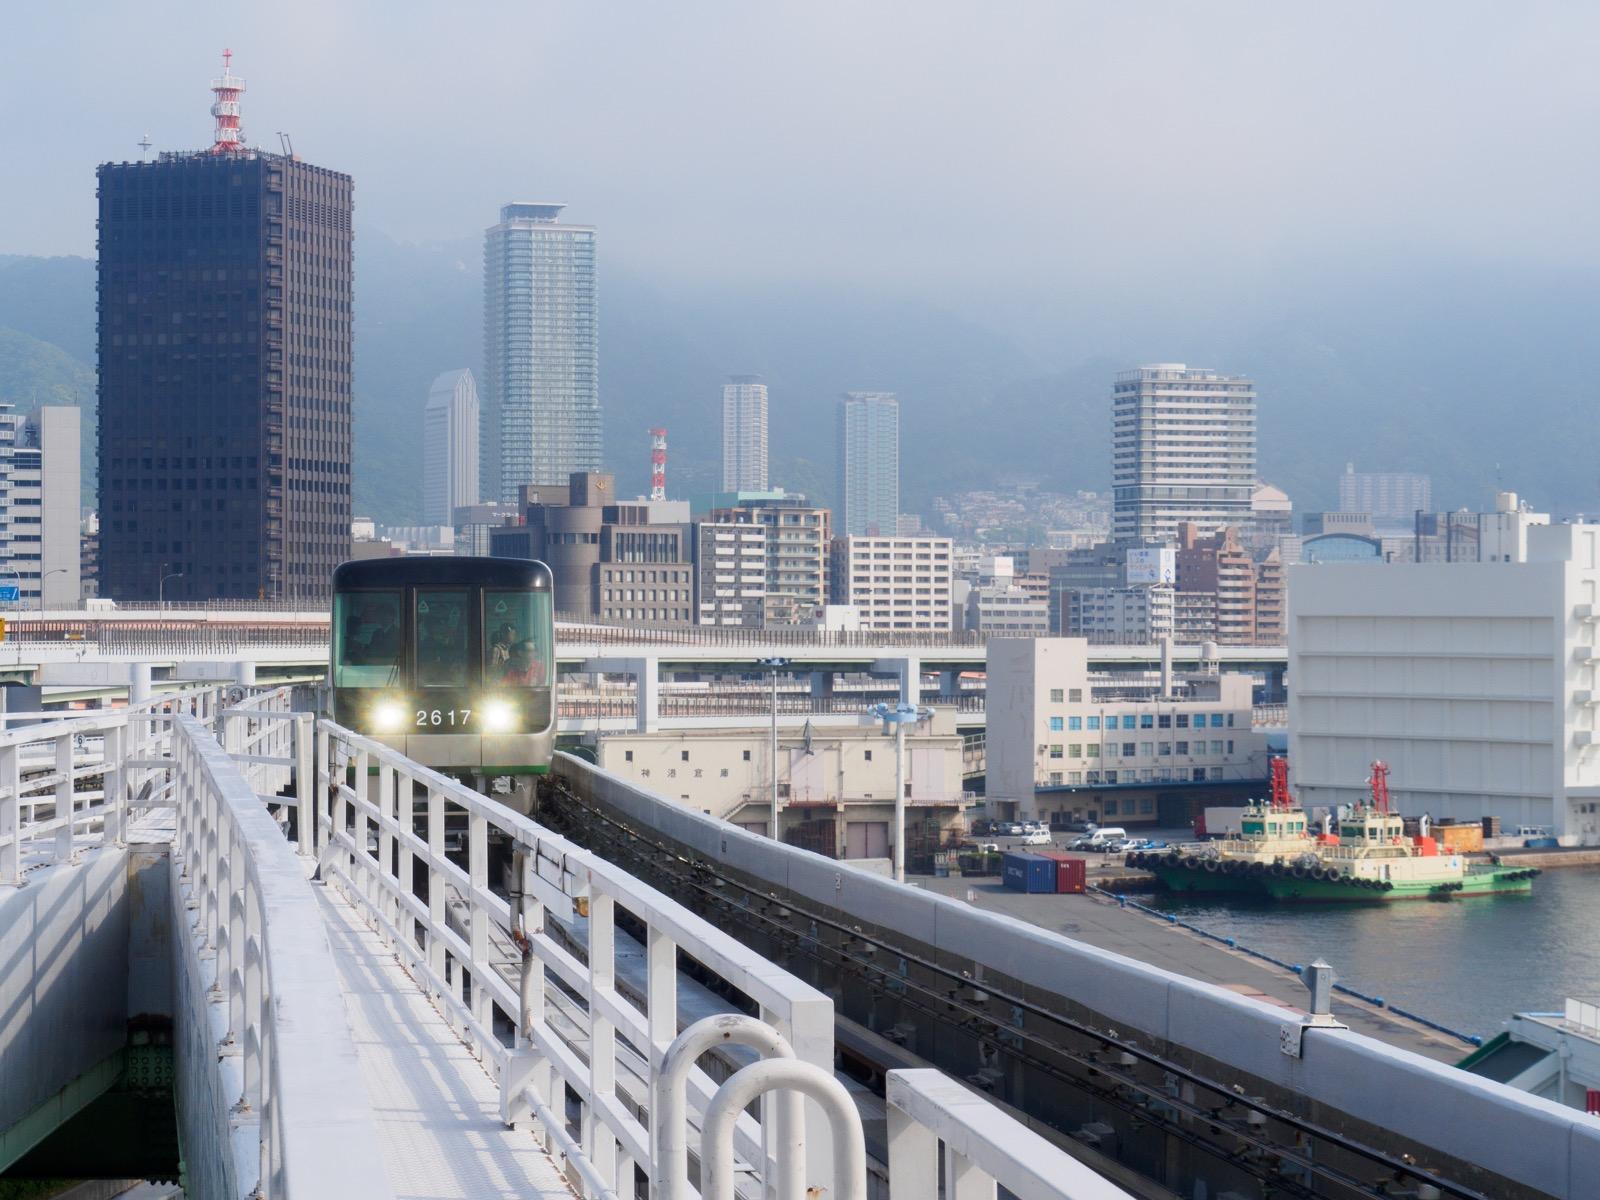 ポートターミナル駅から見た三宮の街並み